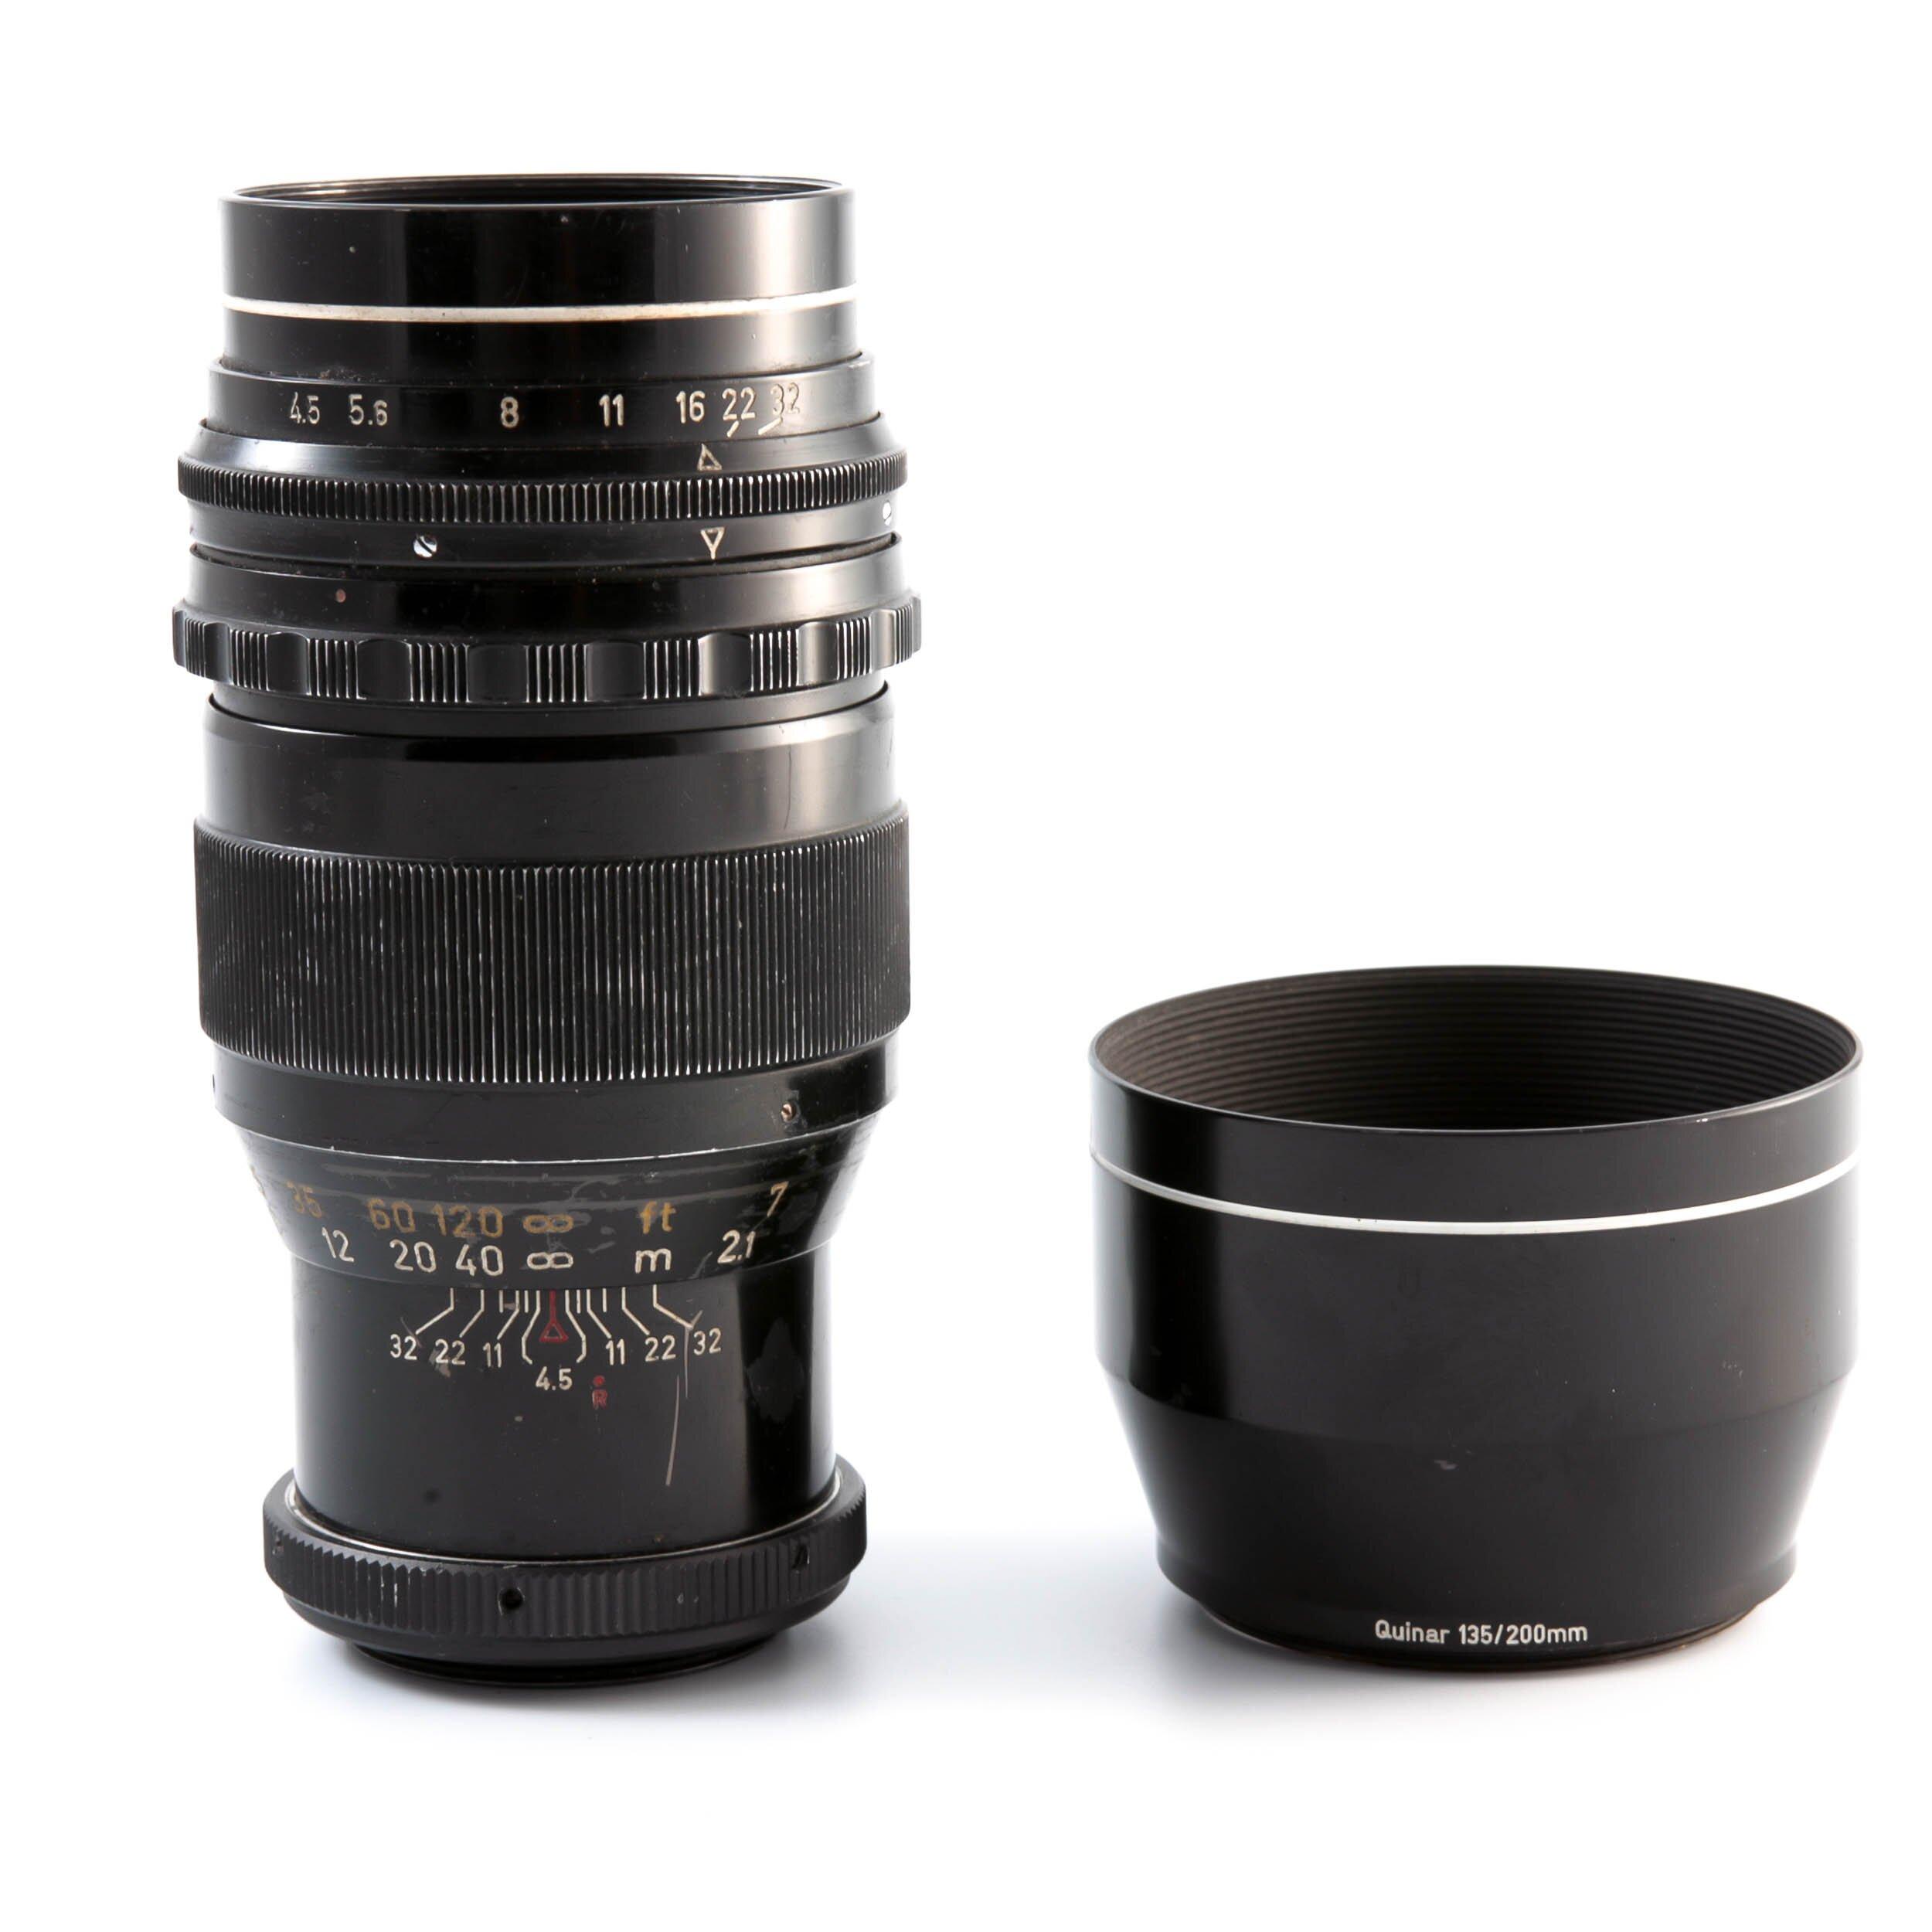 Steinheil M42  200mm 1:4,5 Tele-Quinar